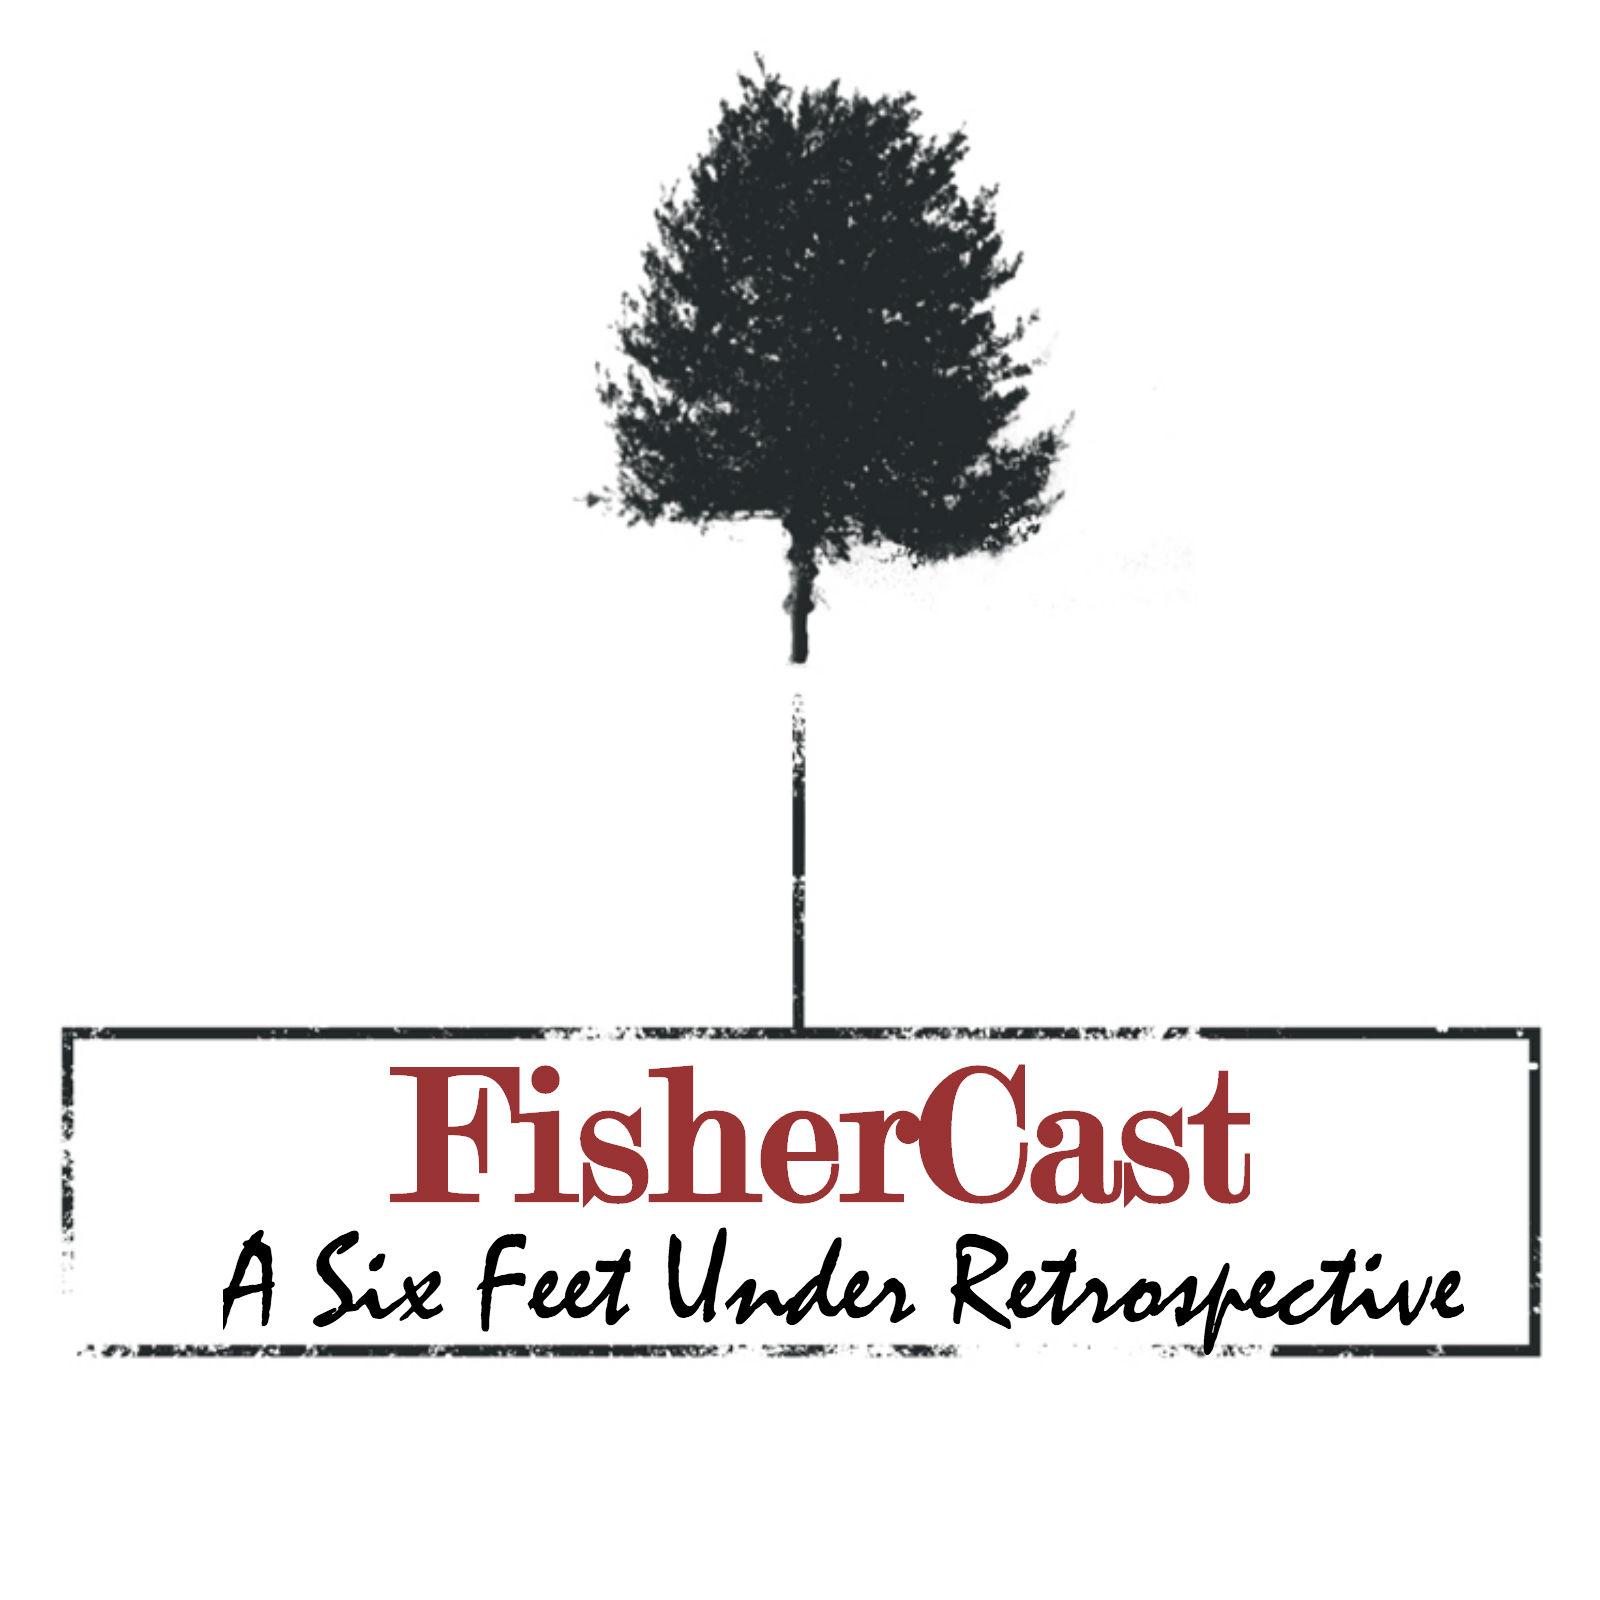 FisherCast - A Six Feet Under Retrospective